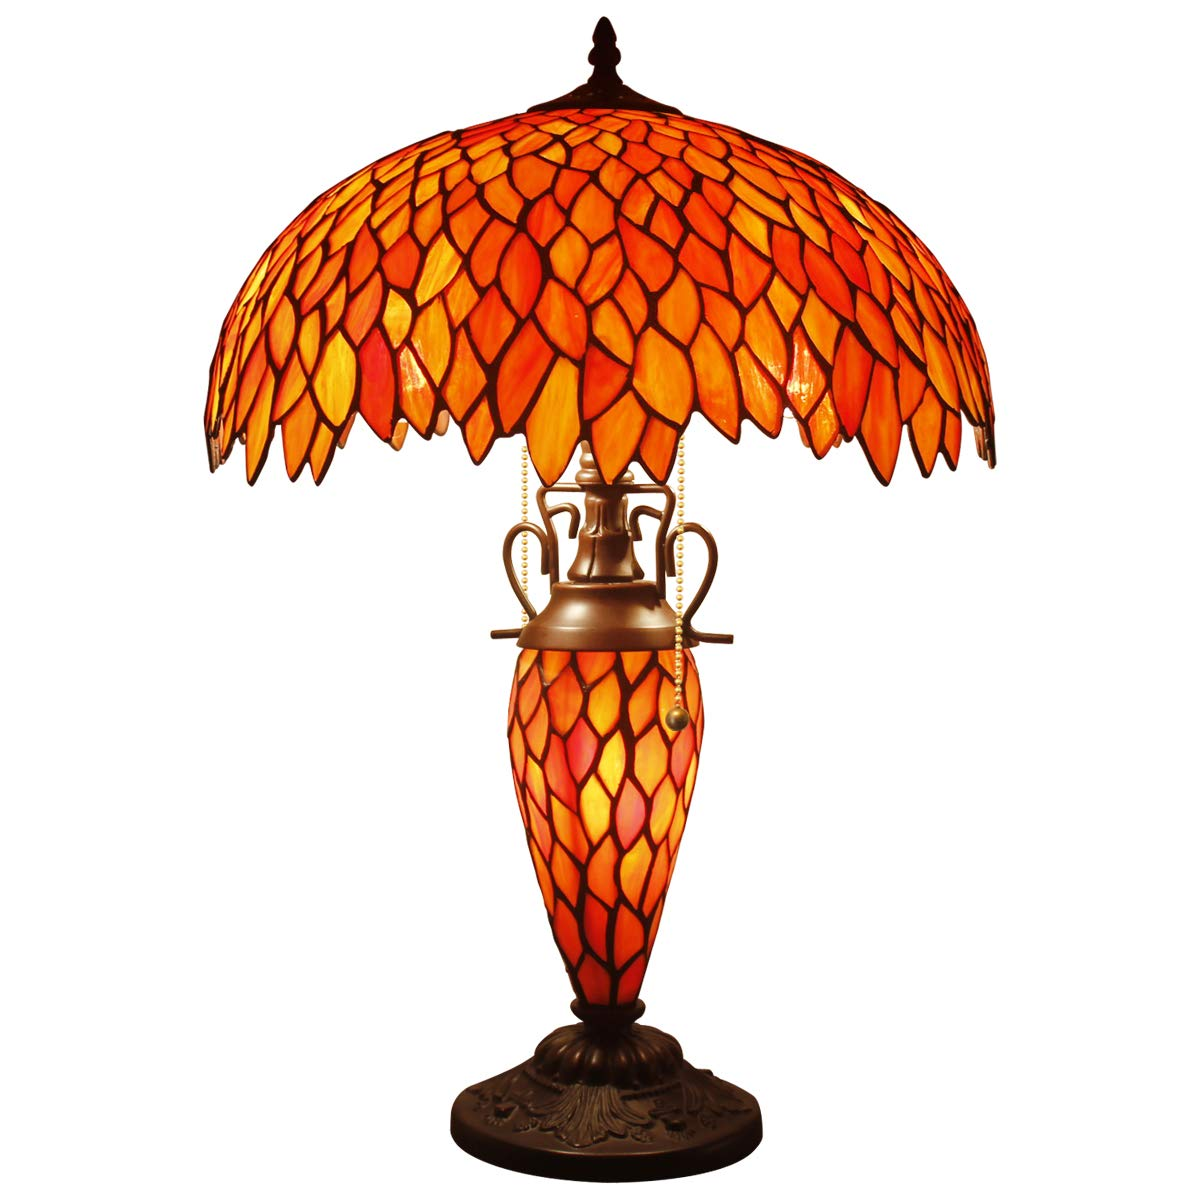 Rivet Pineapple Ceramic Table Lamp, Modern, 18 H, White and Gold